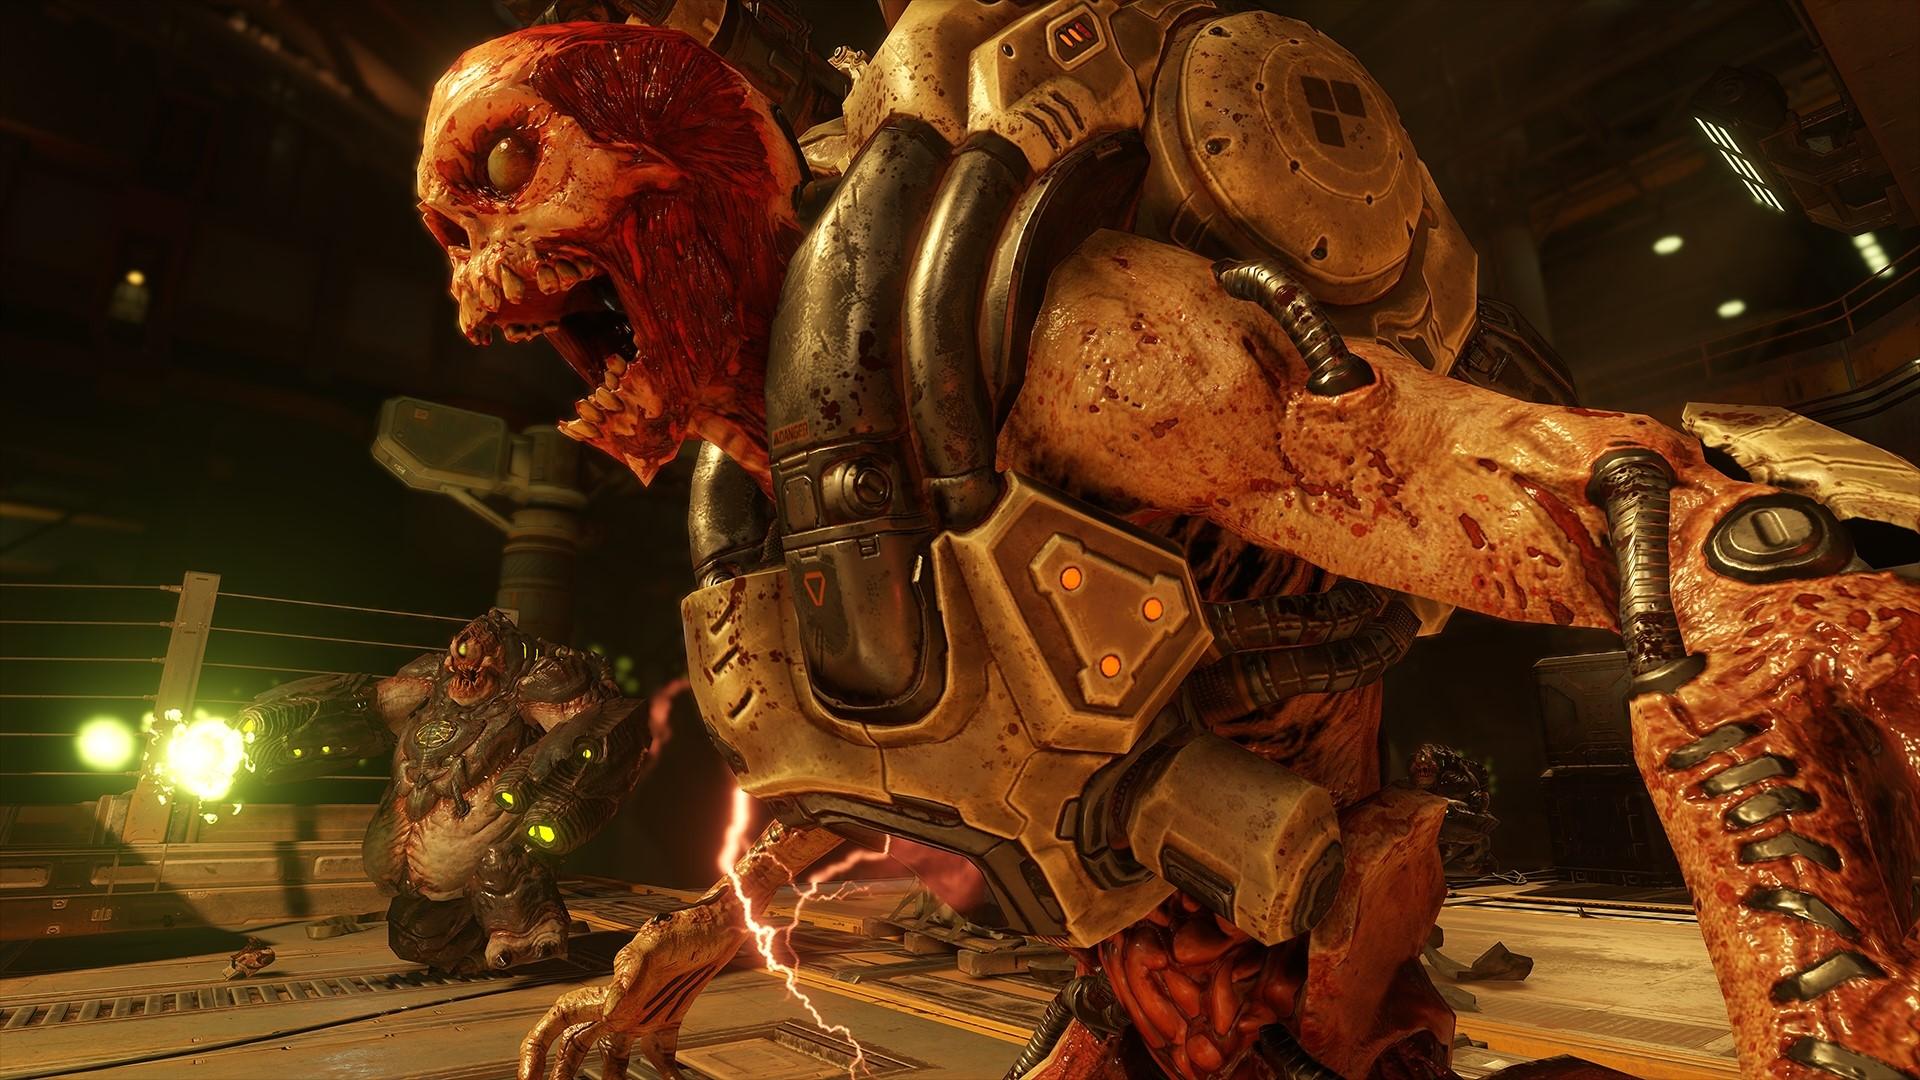 Doom lanseres tidlig neste måned.